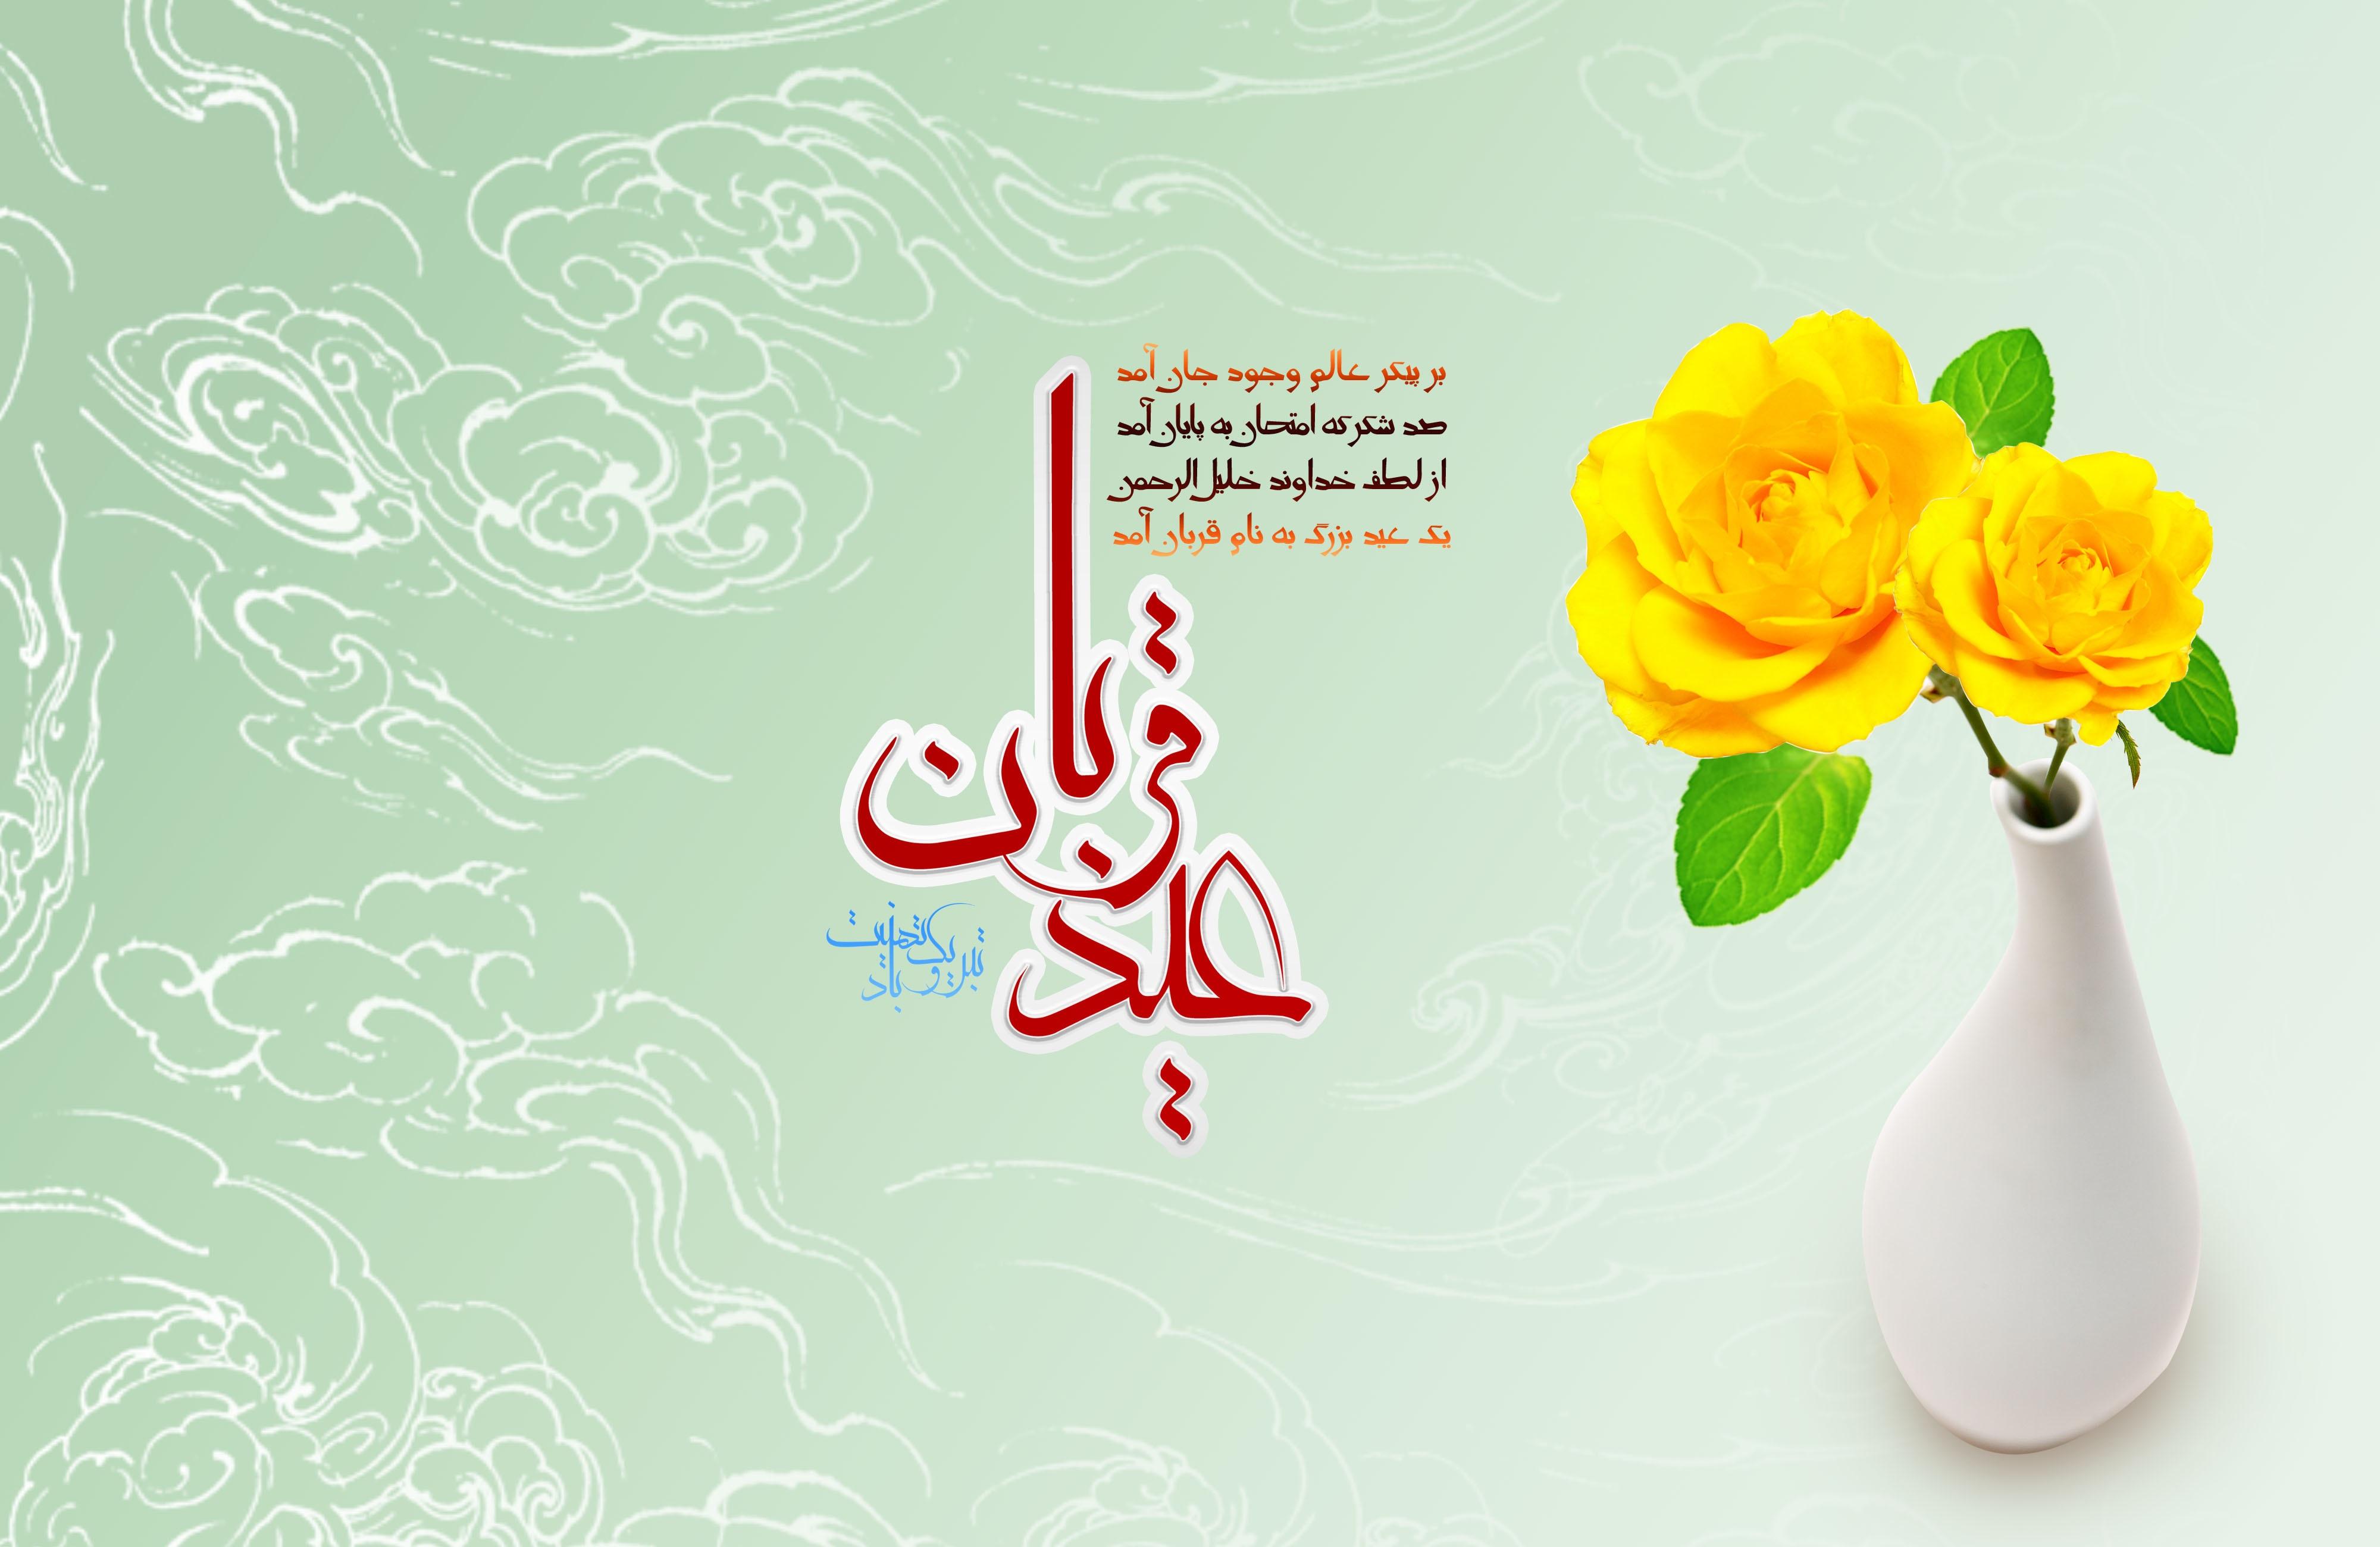 تصویر: http://rozup.ir/view/703346/7057785640.jpg